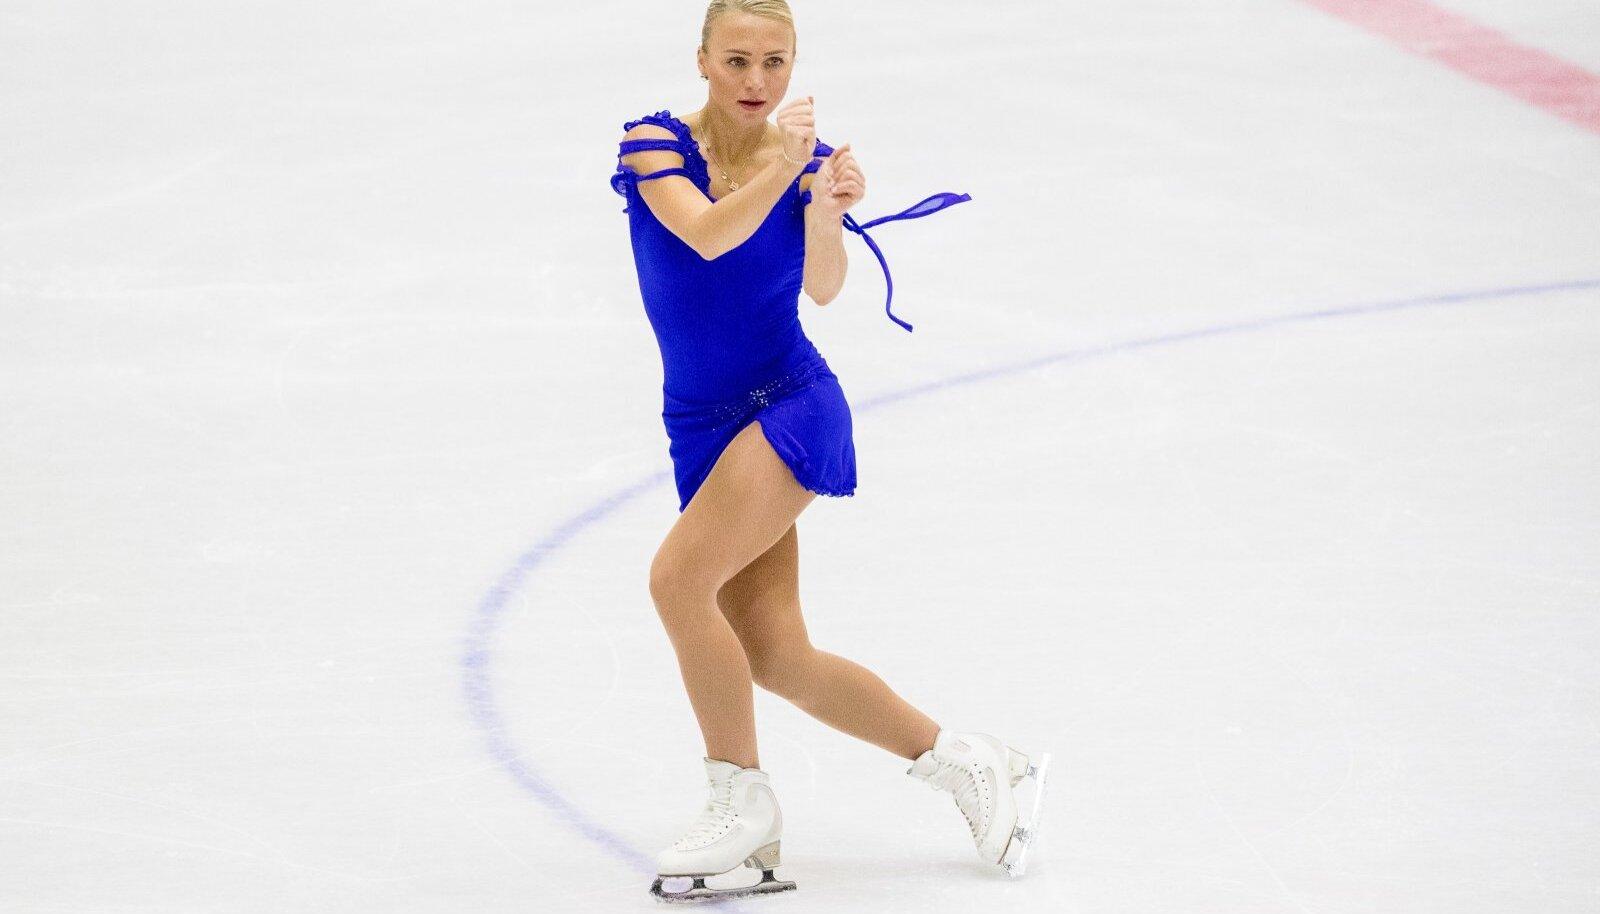 Iluuisutaja Johanna Alliku hiljutine pihtimus tekitas sportlaste söömishäirete üle laiema arutelu.